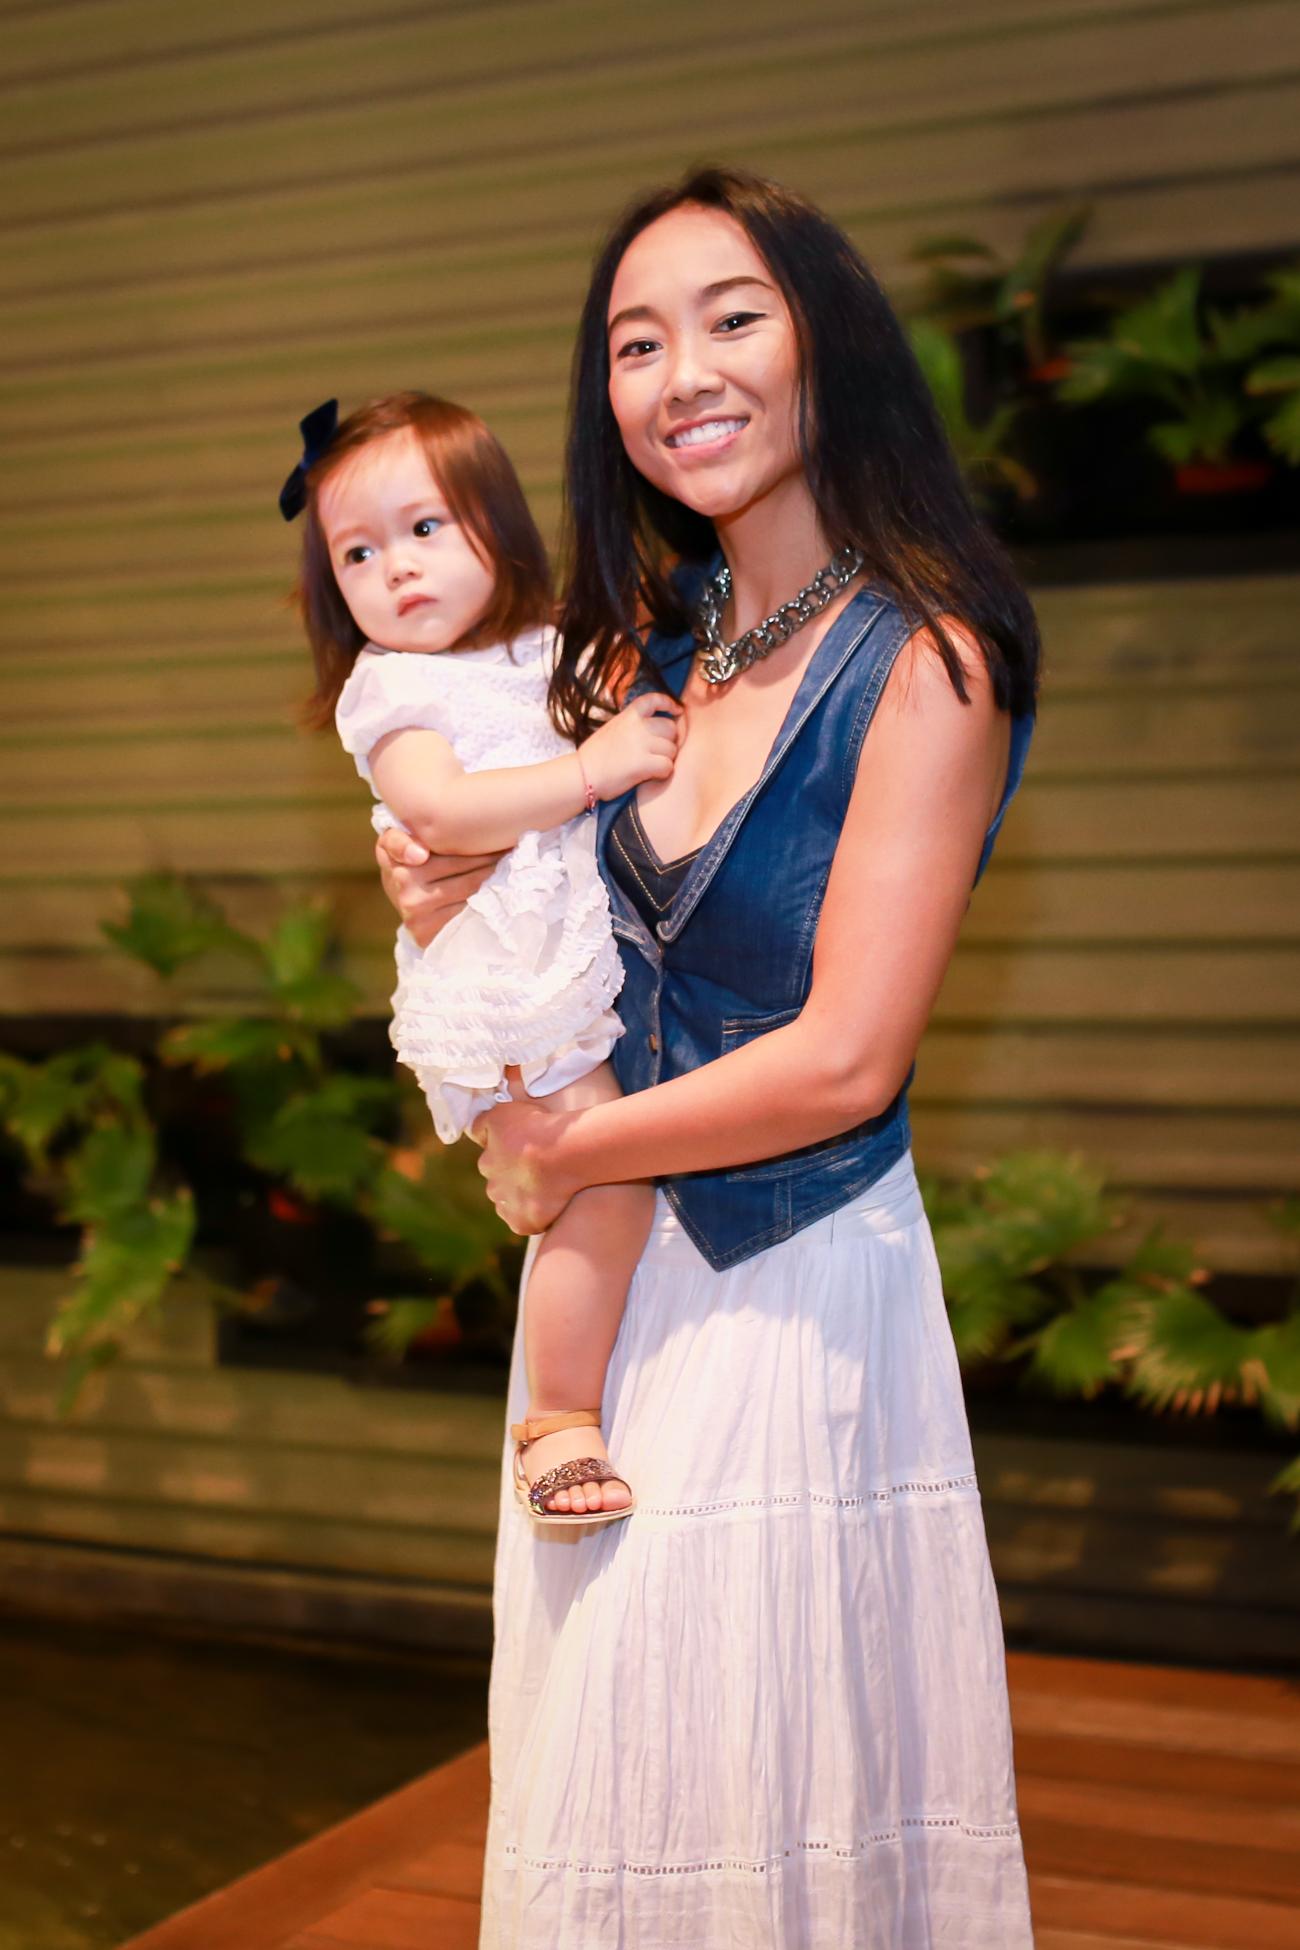 Con gái Đoan Trang mũm mĩm đáng yêu khi xuất hiện cùng mẹ - Ảnh 1